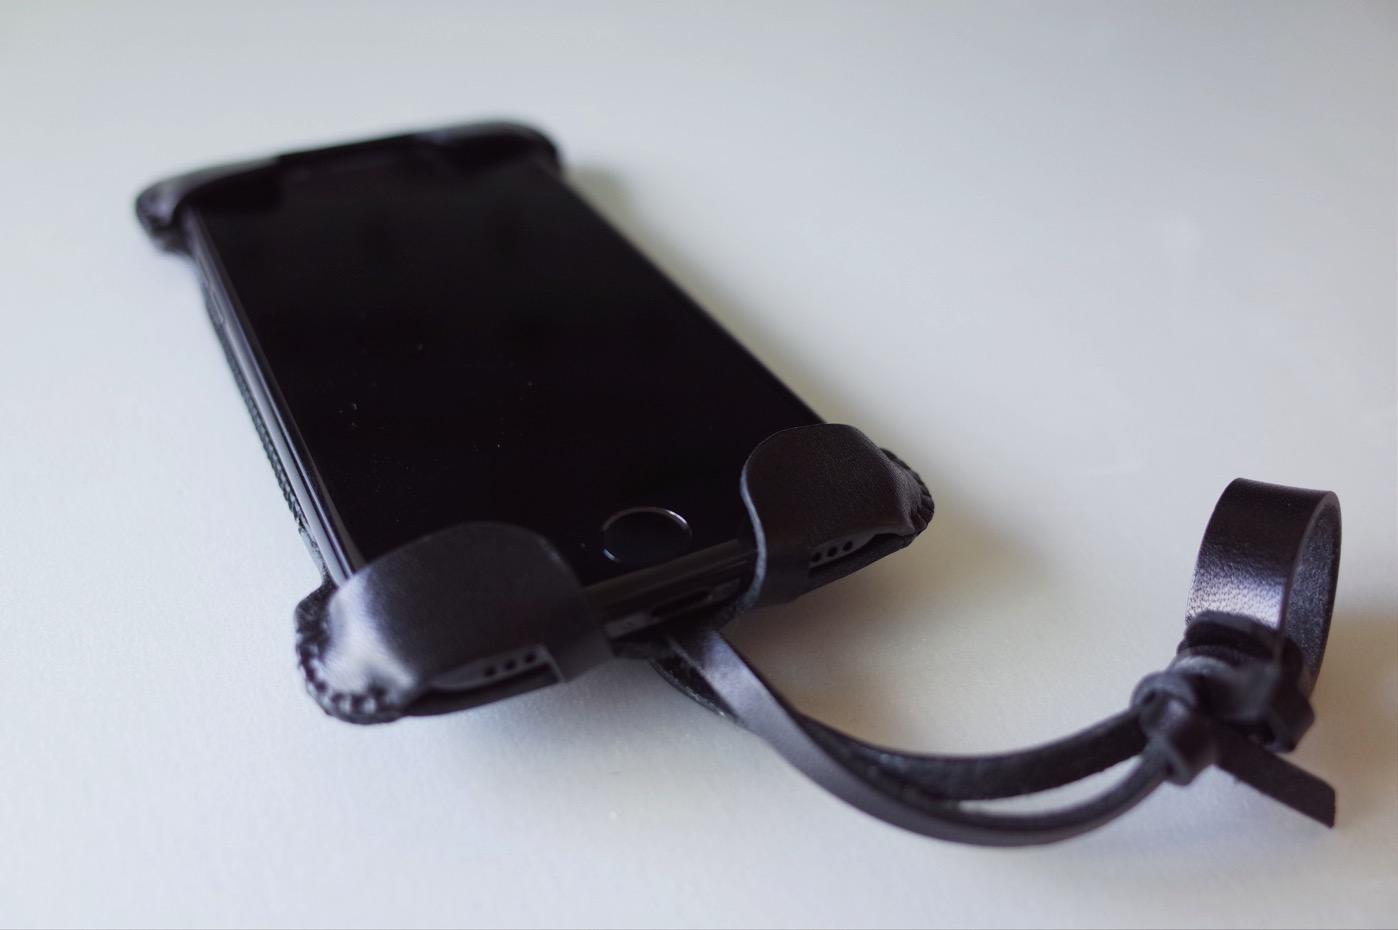 iPhone 7 ジェットブラック 256GB-18